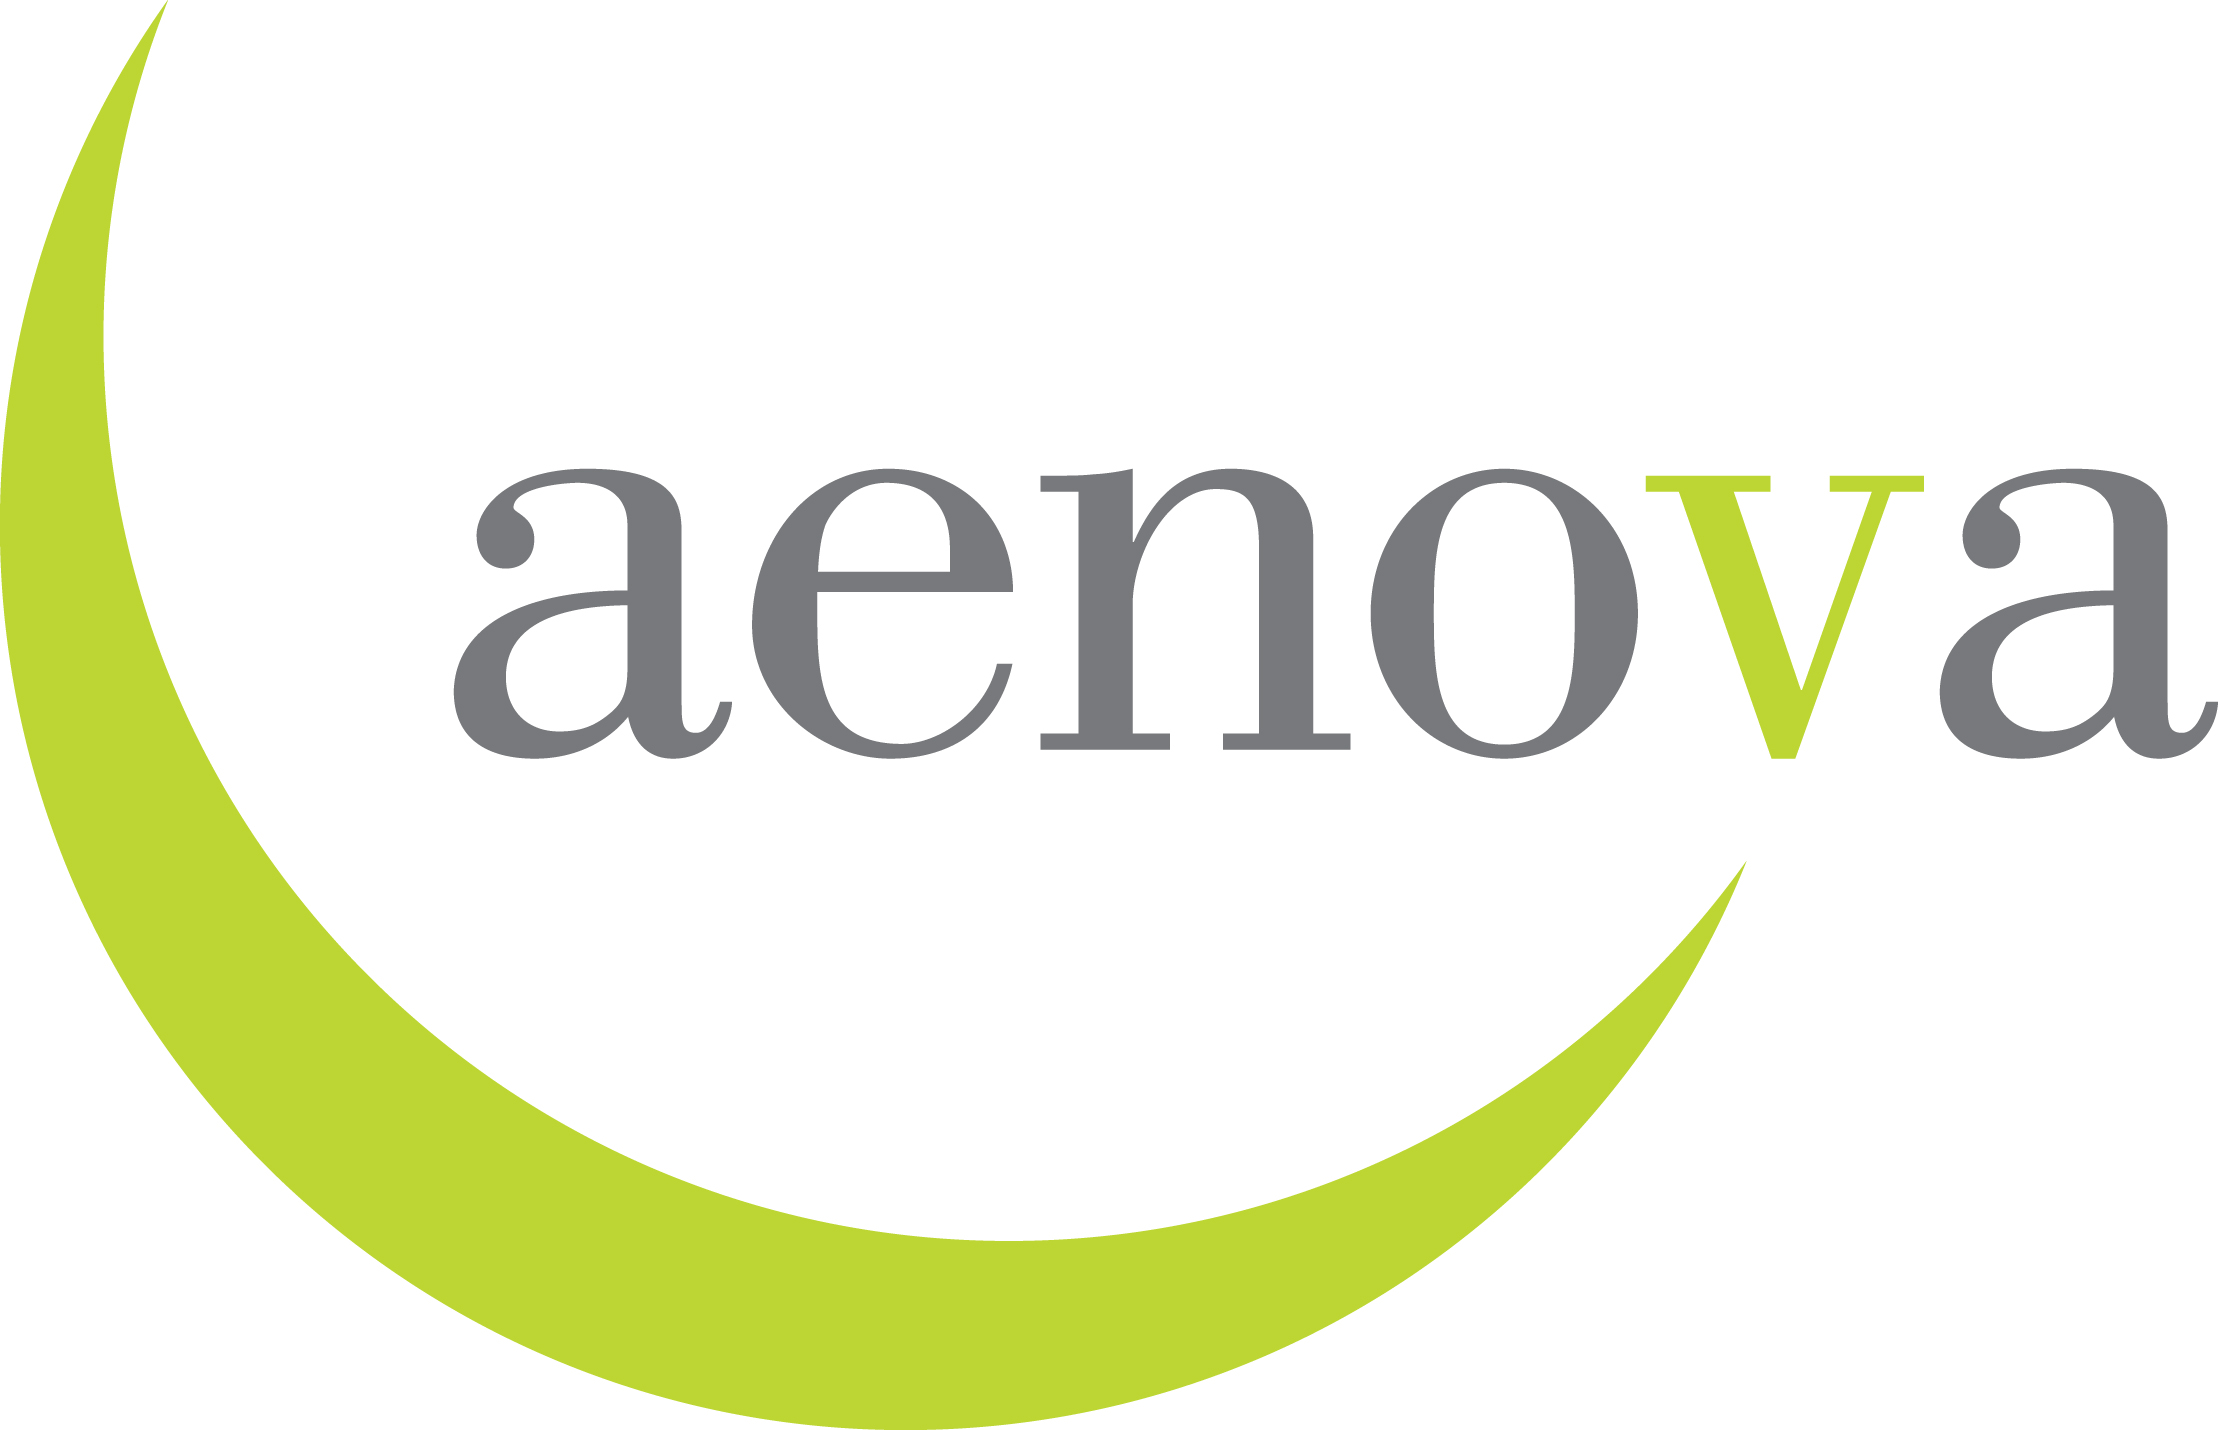 messedaten_messe_206_weblogos_aenova_group_-_haupt_pharma_muenster_gmbh.jpg